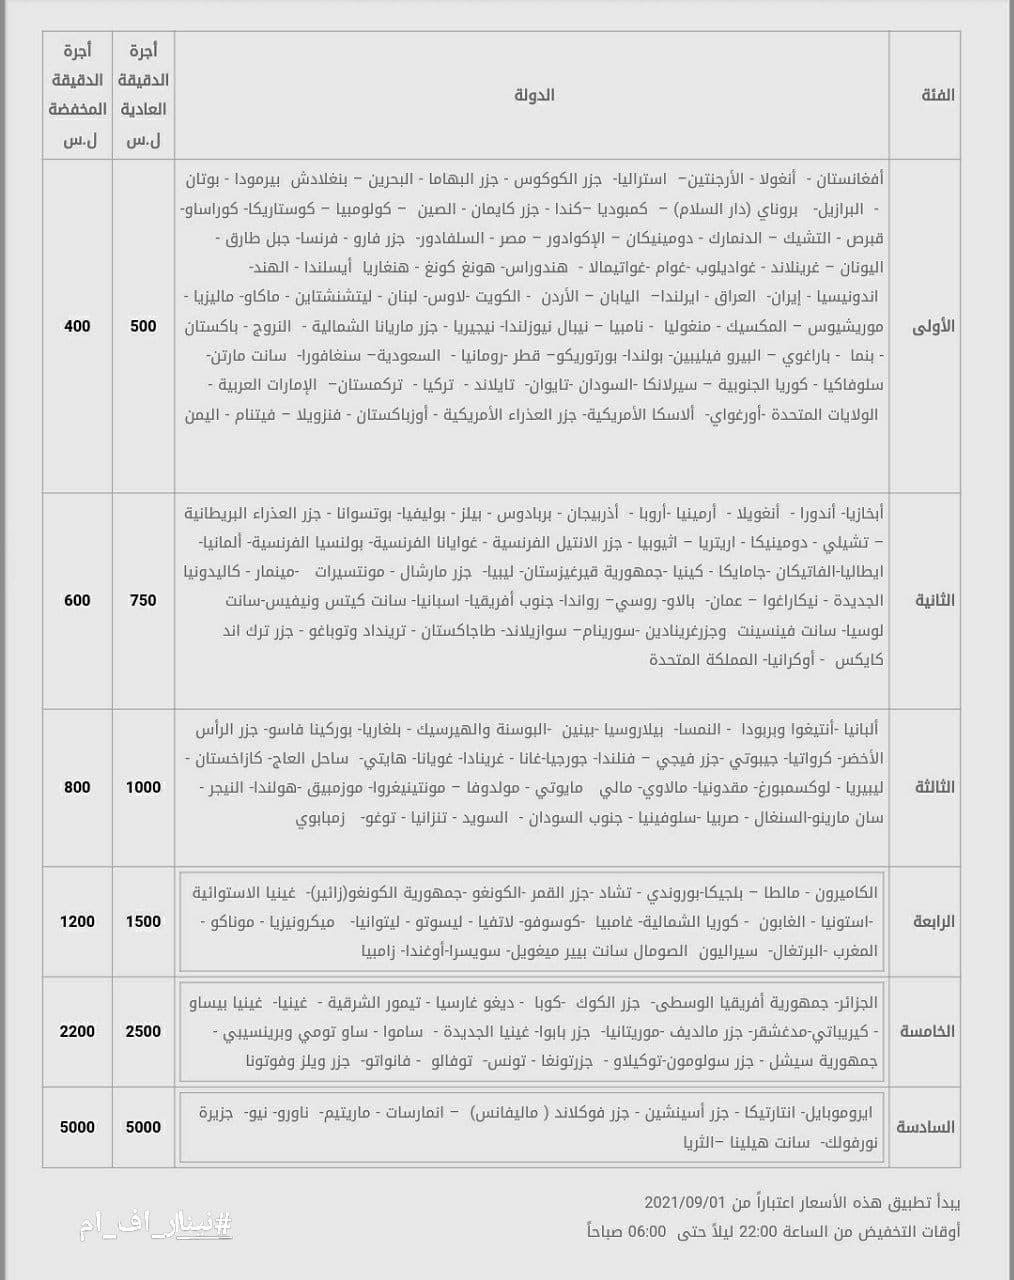 أجور الدقائق الدولية للاتصالات في سوريا (نينار اف ام)